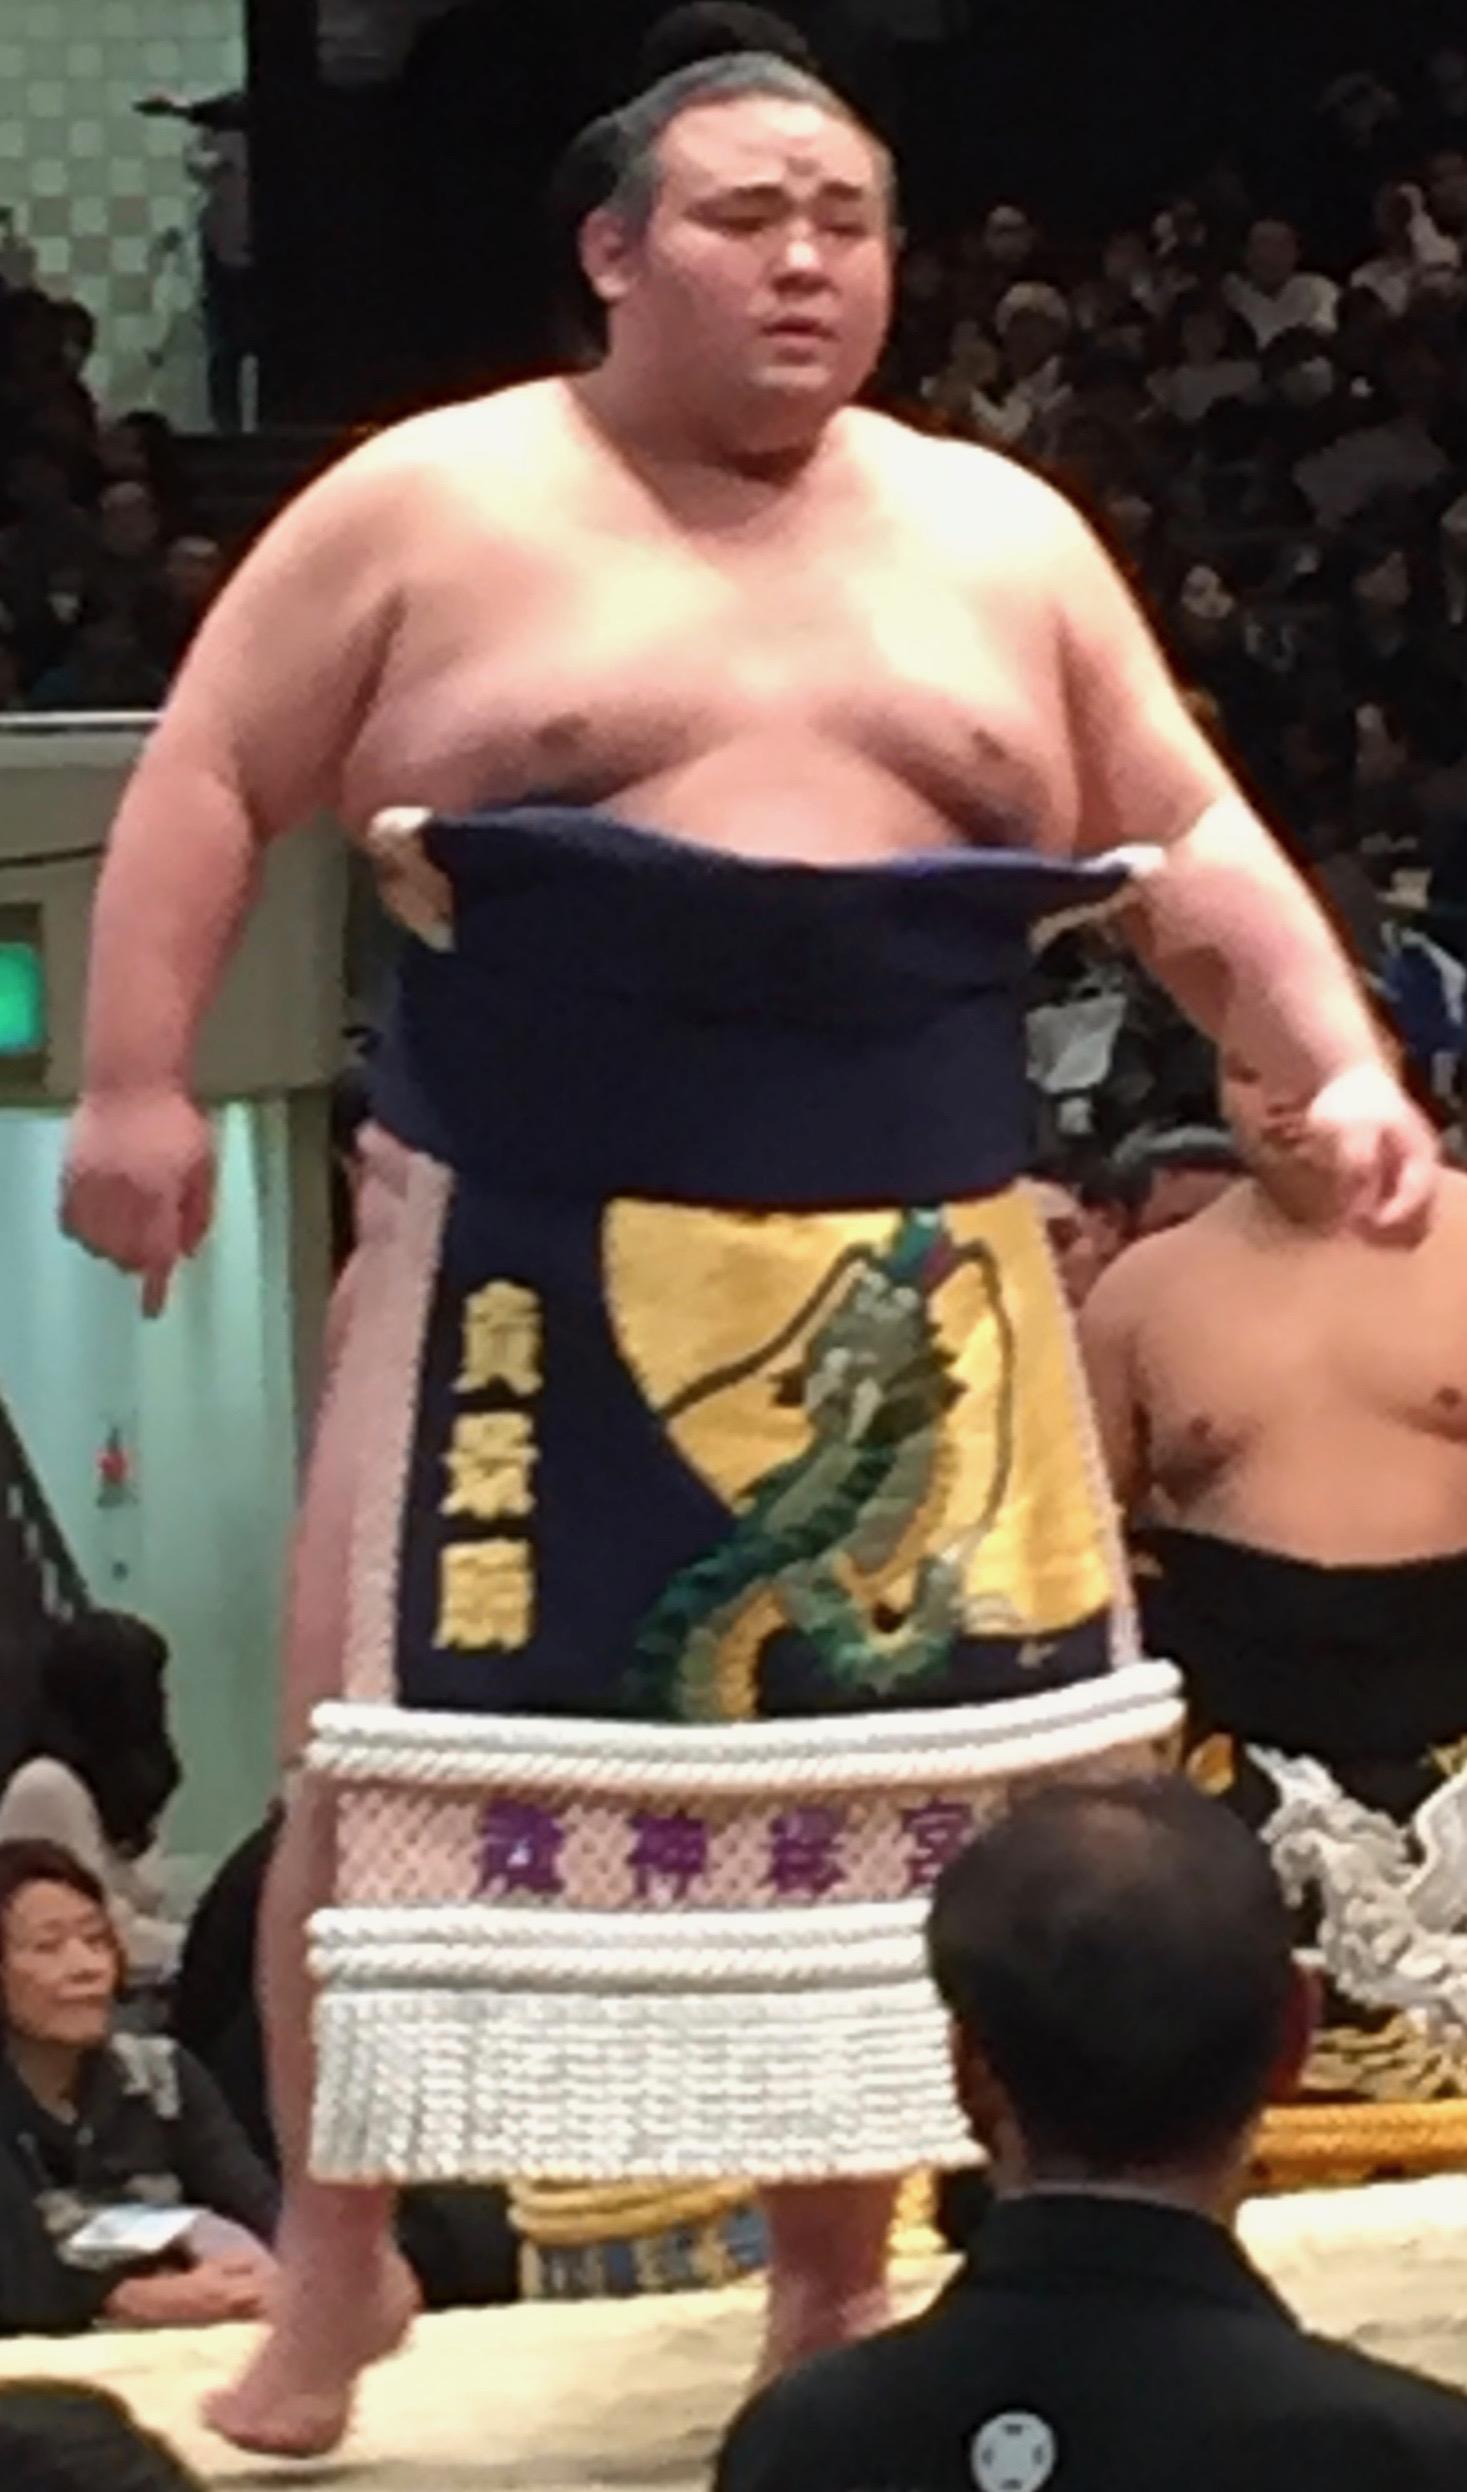 朝 の 山 今日 の 相撲 の 結果